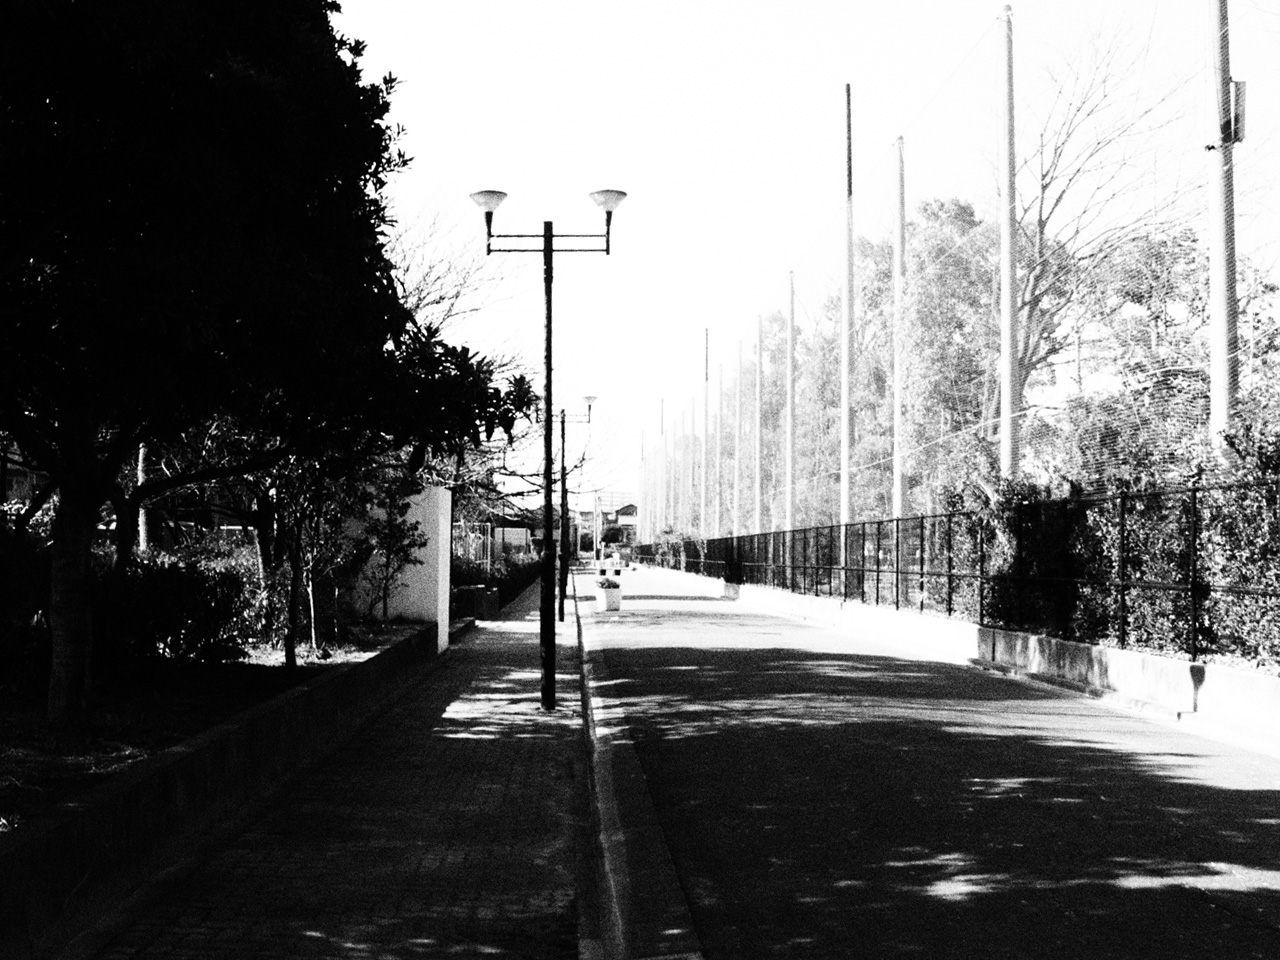 近所の公園をモノクロ散歩_b0021375_133543.jpg